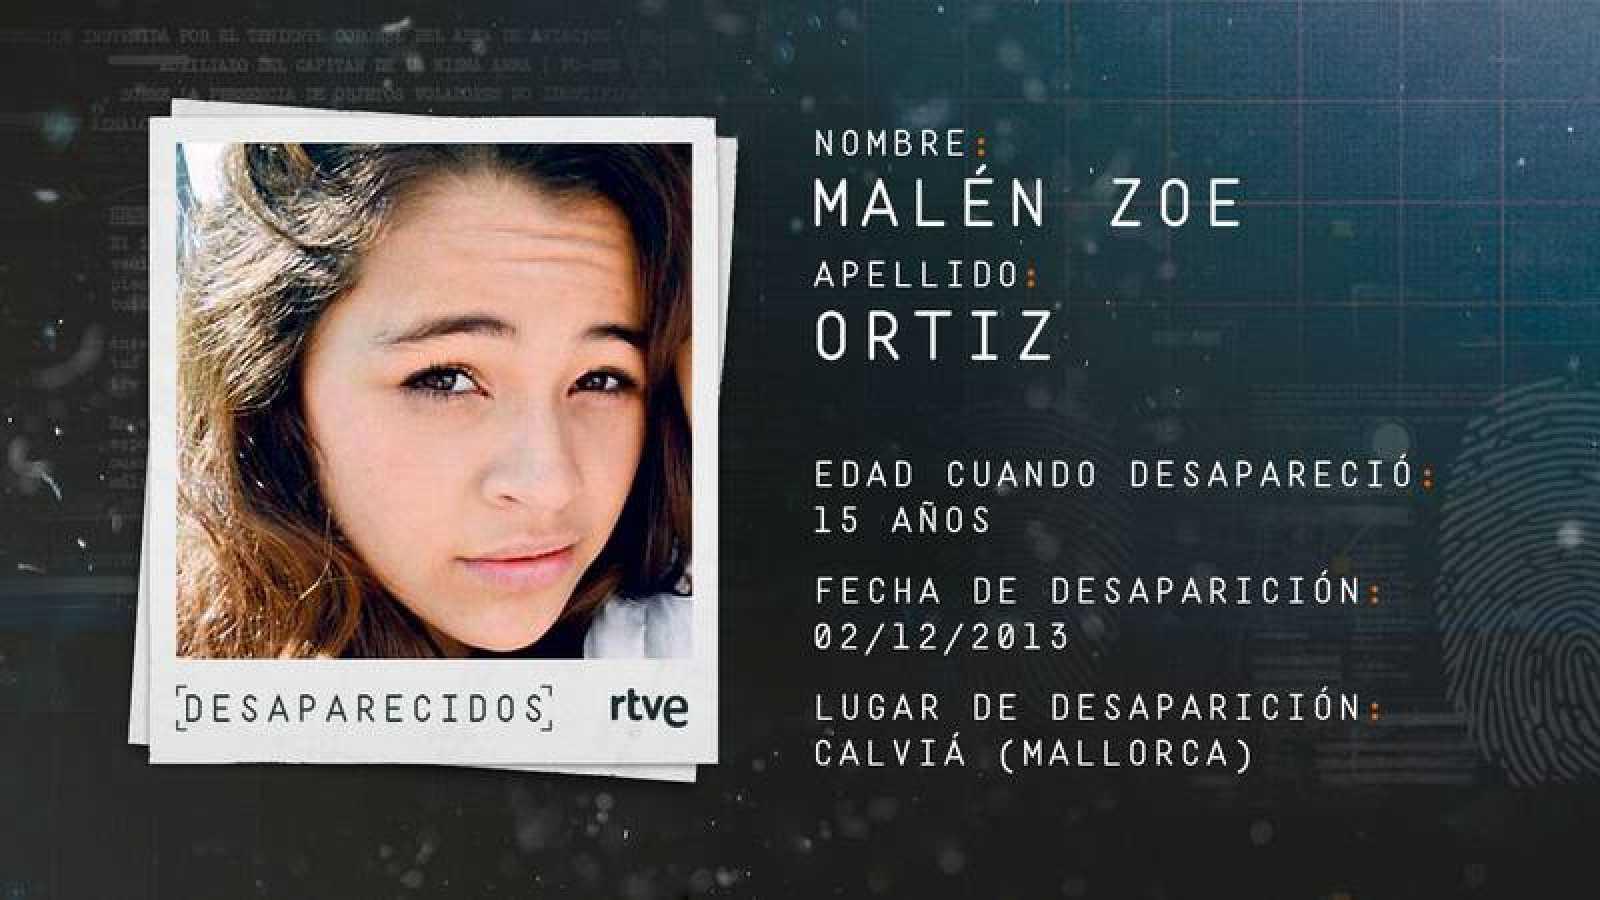 Malén Zoe Ortiz